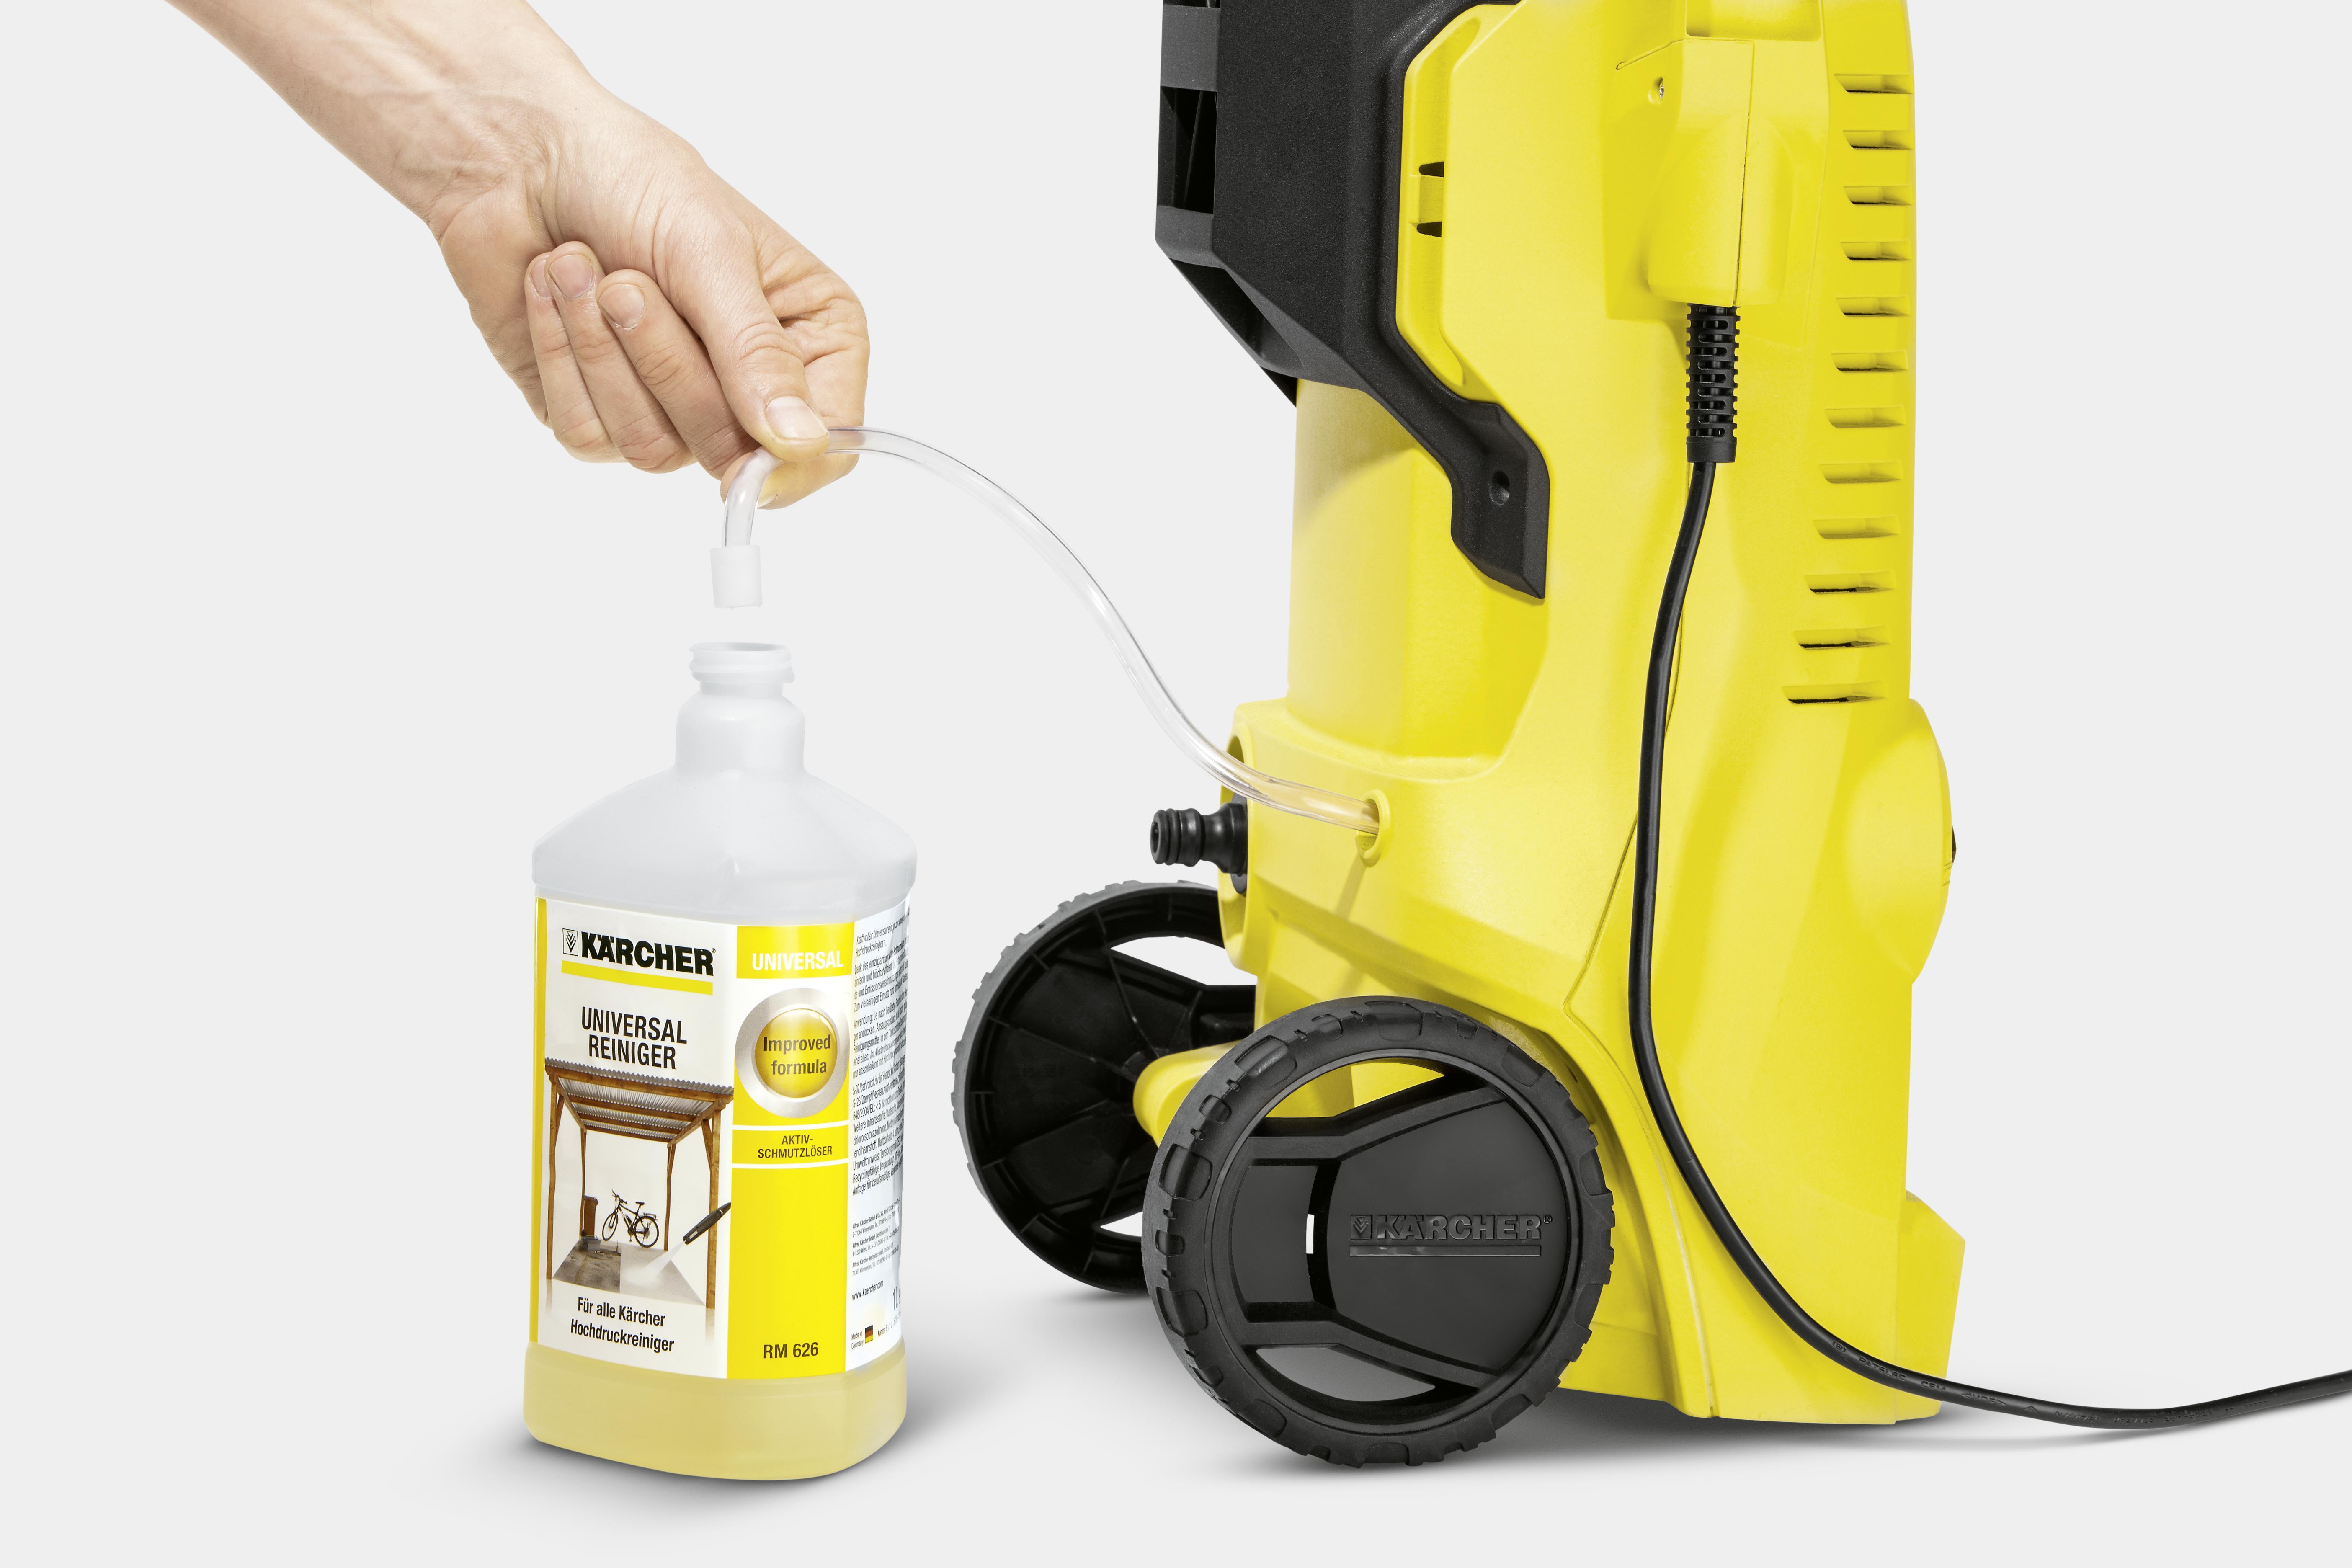 pressure washer k 2 full control home k rcher uk. Black Bedroom Furniture Sets. Home Design Ideas